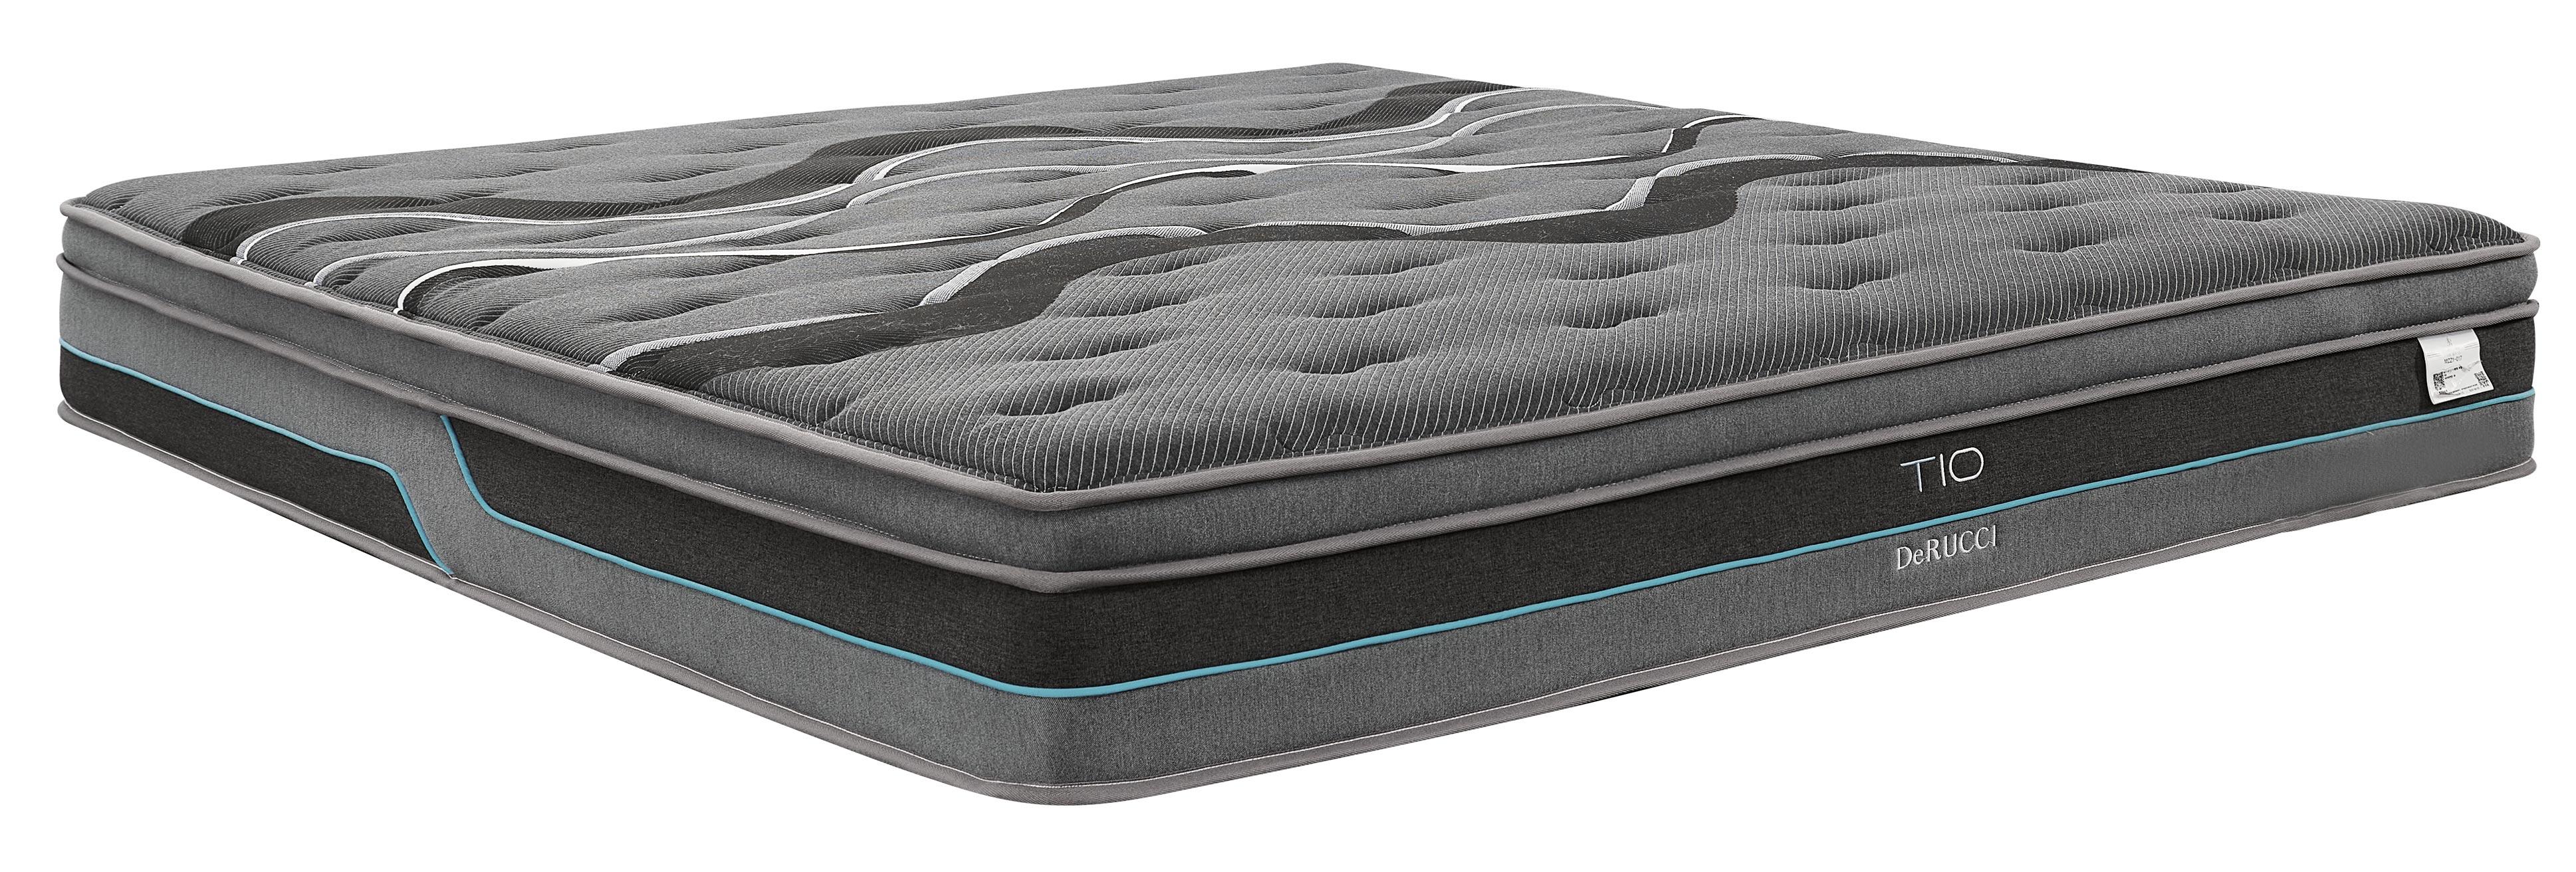 床垫选购技巧